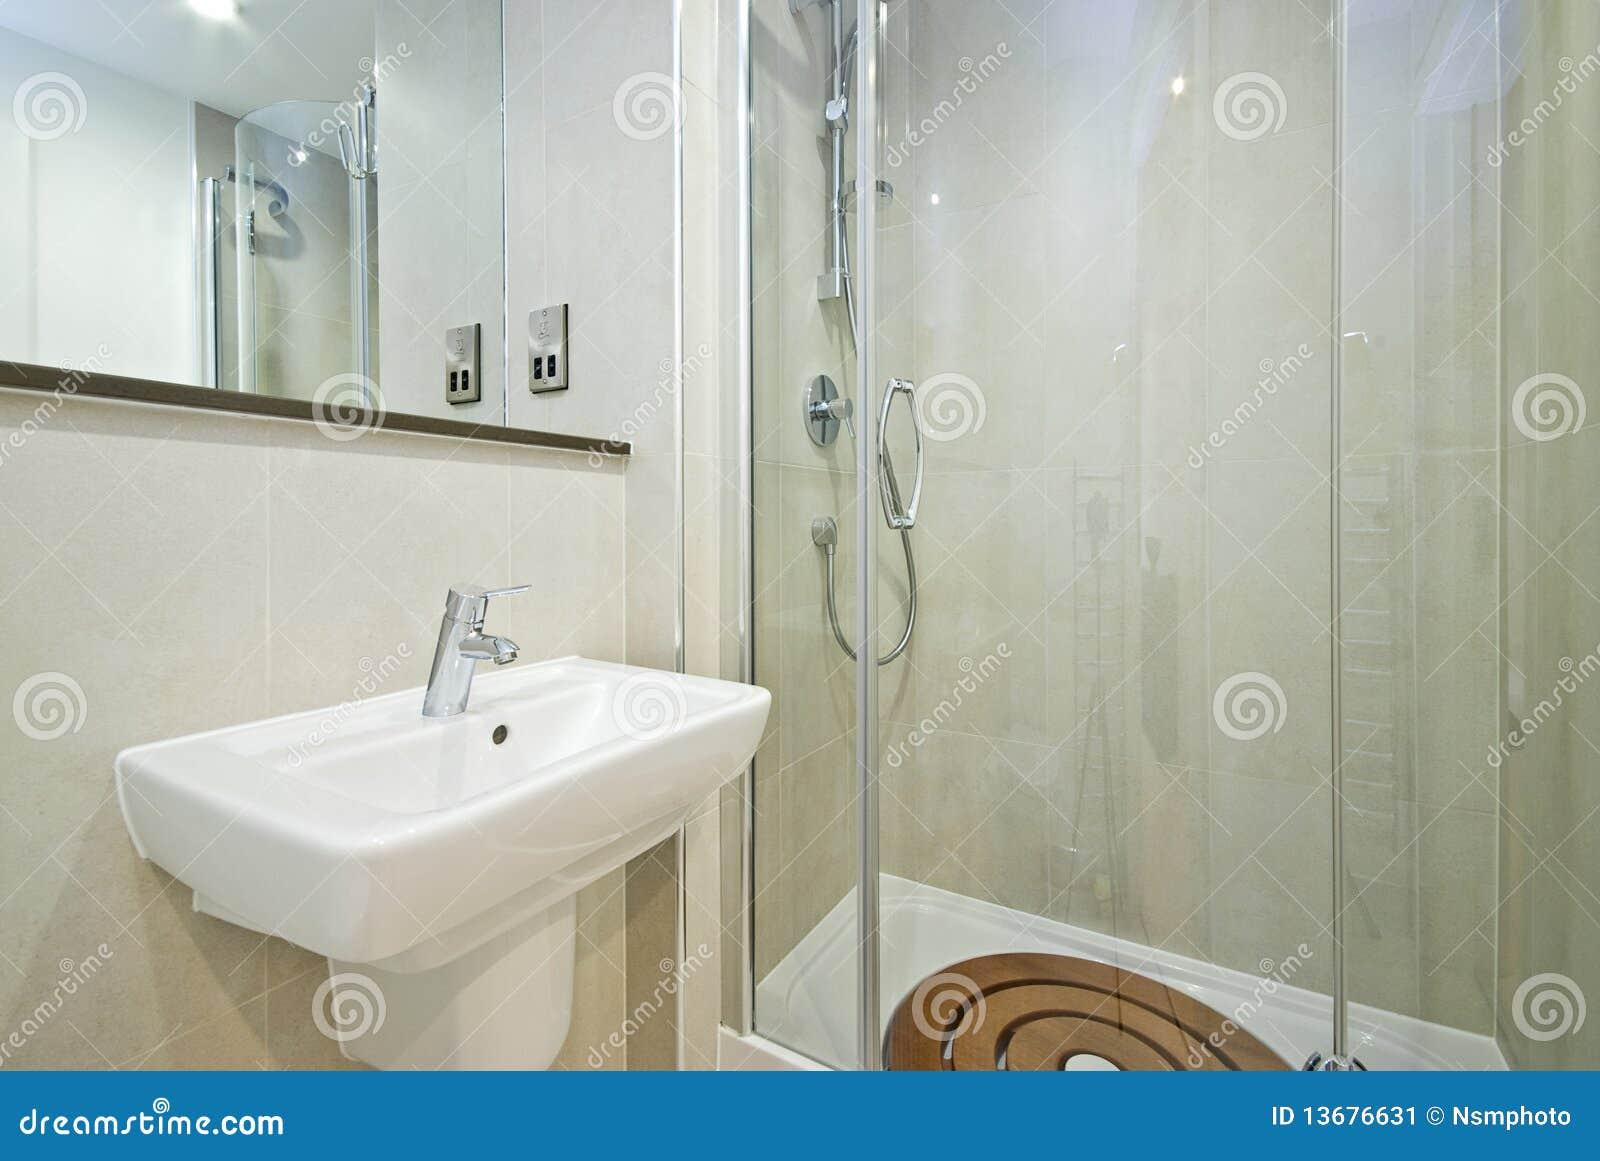 Banheiro moderno da série do en